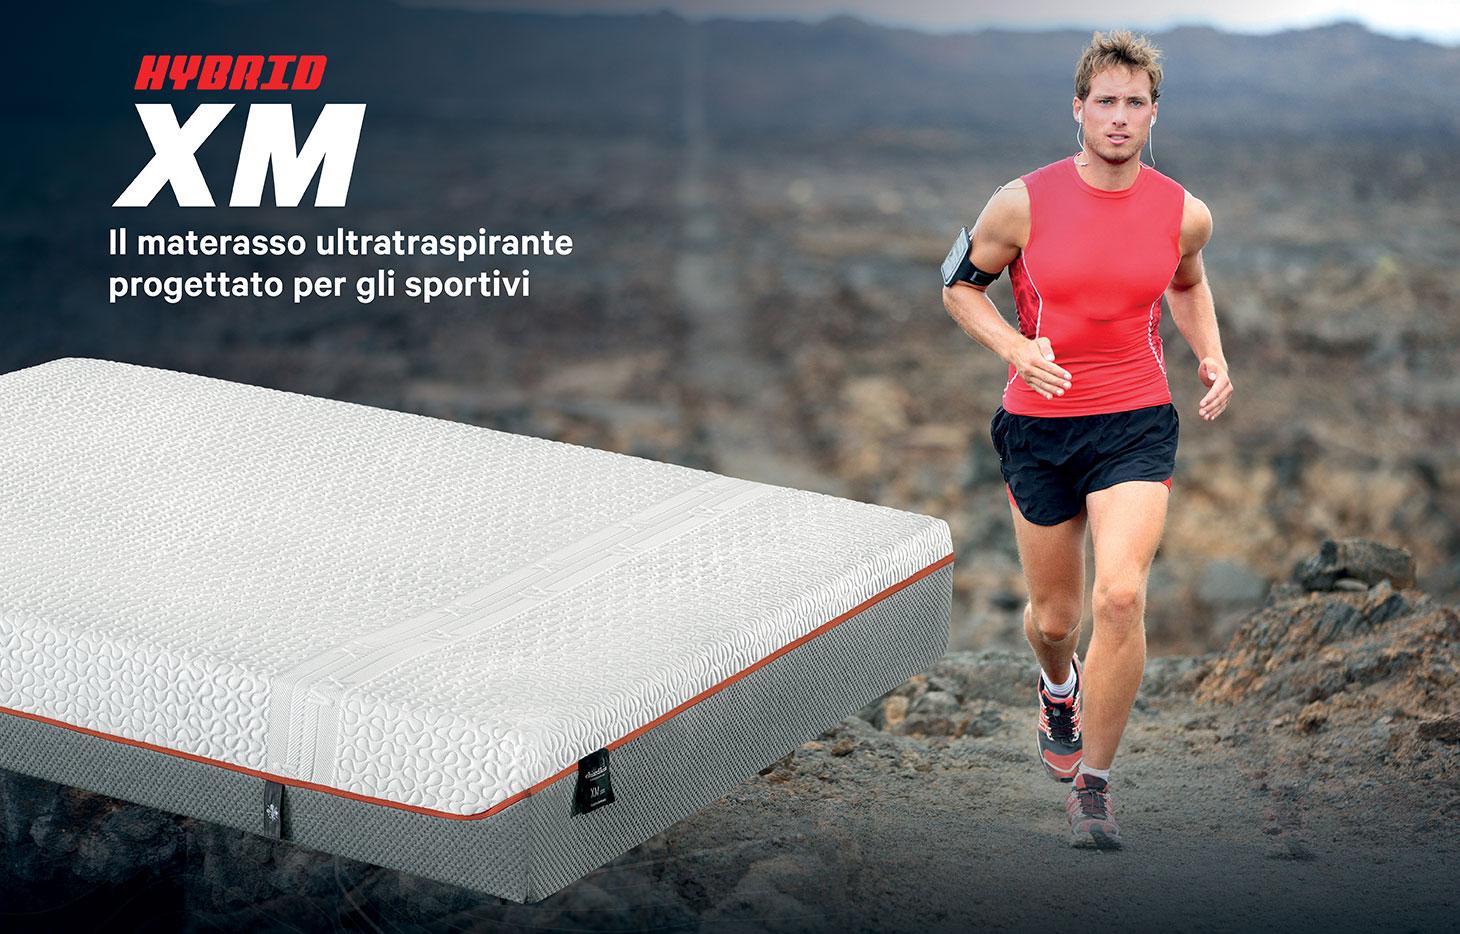 Chiardiluna - XM materasso per sportivi